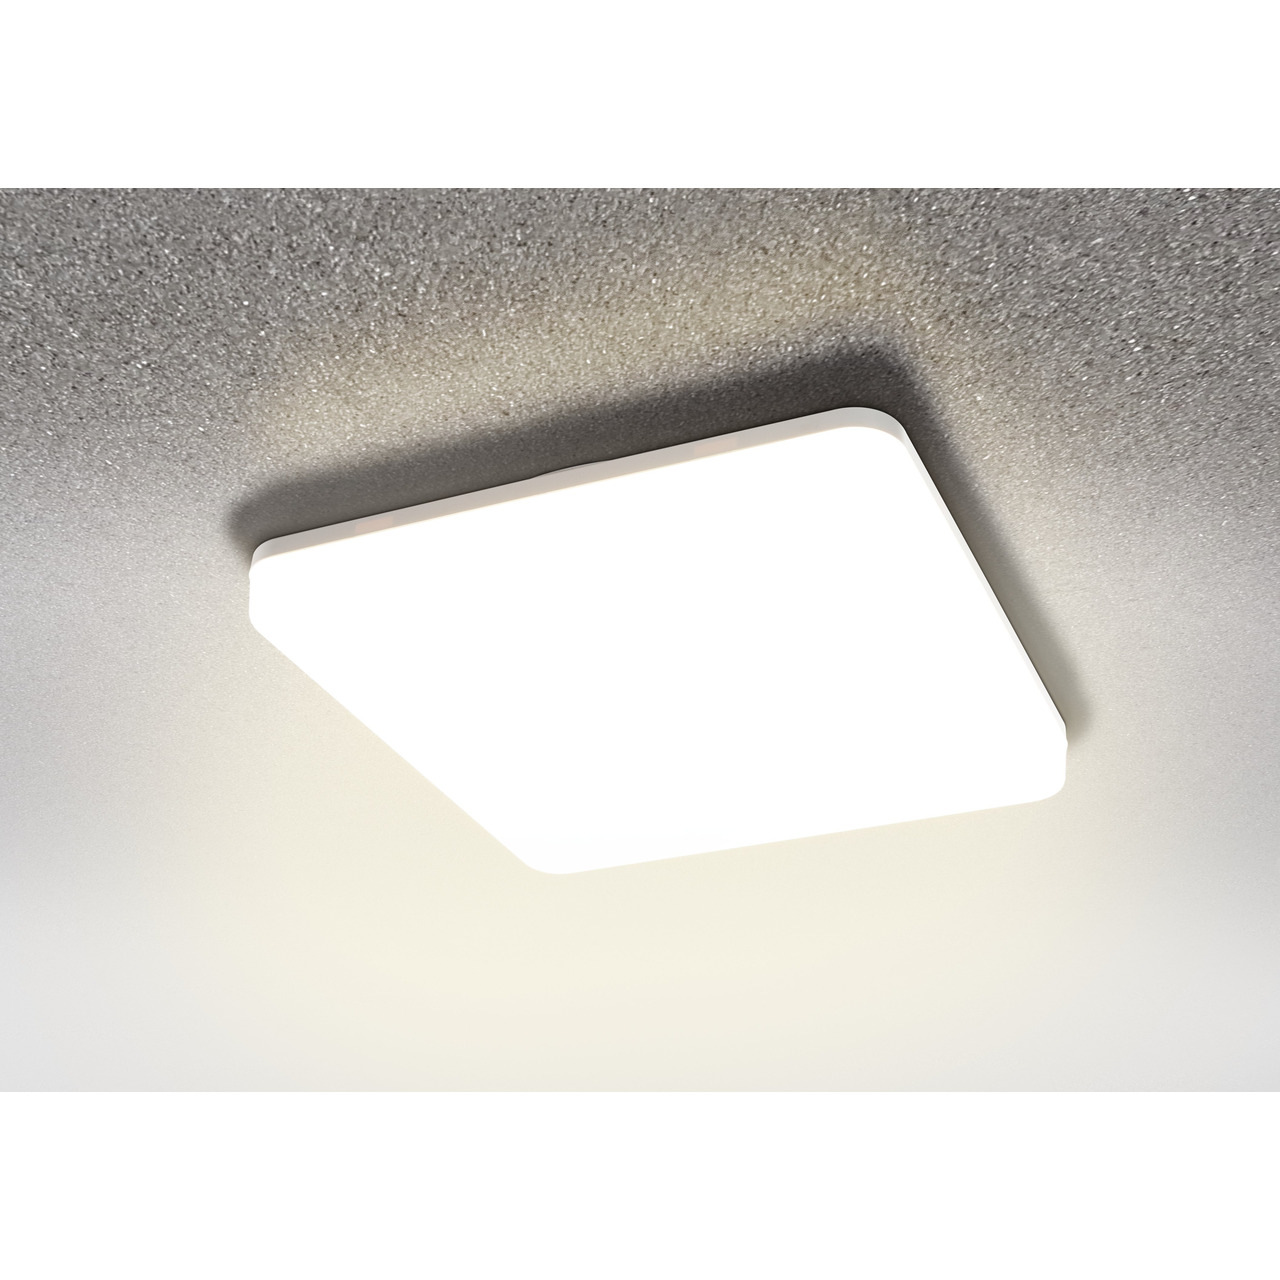 HEITRONIC 18-W-LED-Wand-/Deckenleuchte Pronto mit Bajonett-Anschluss- eckig- warmweiss- IP54